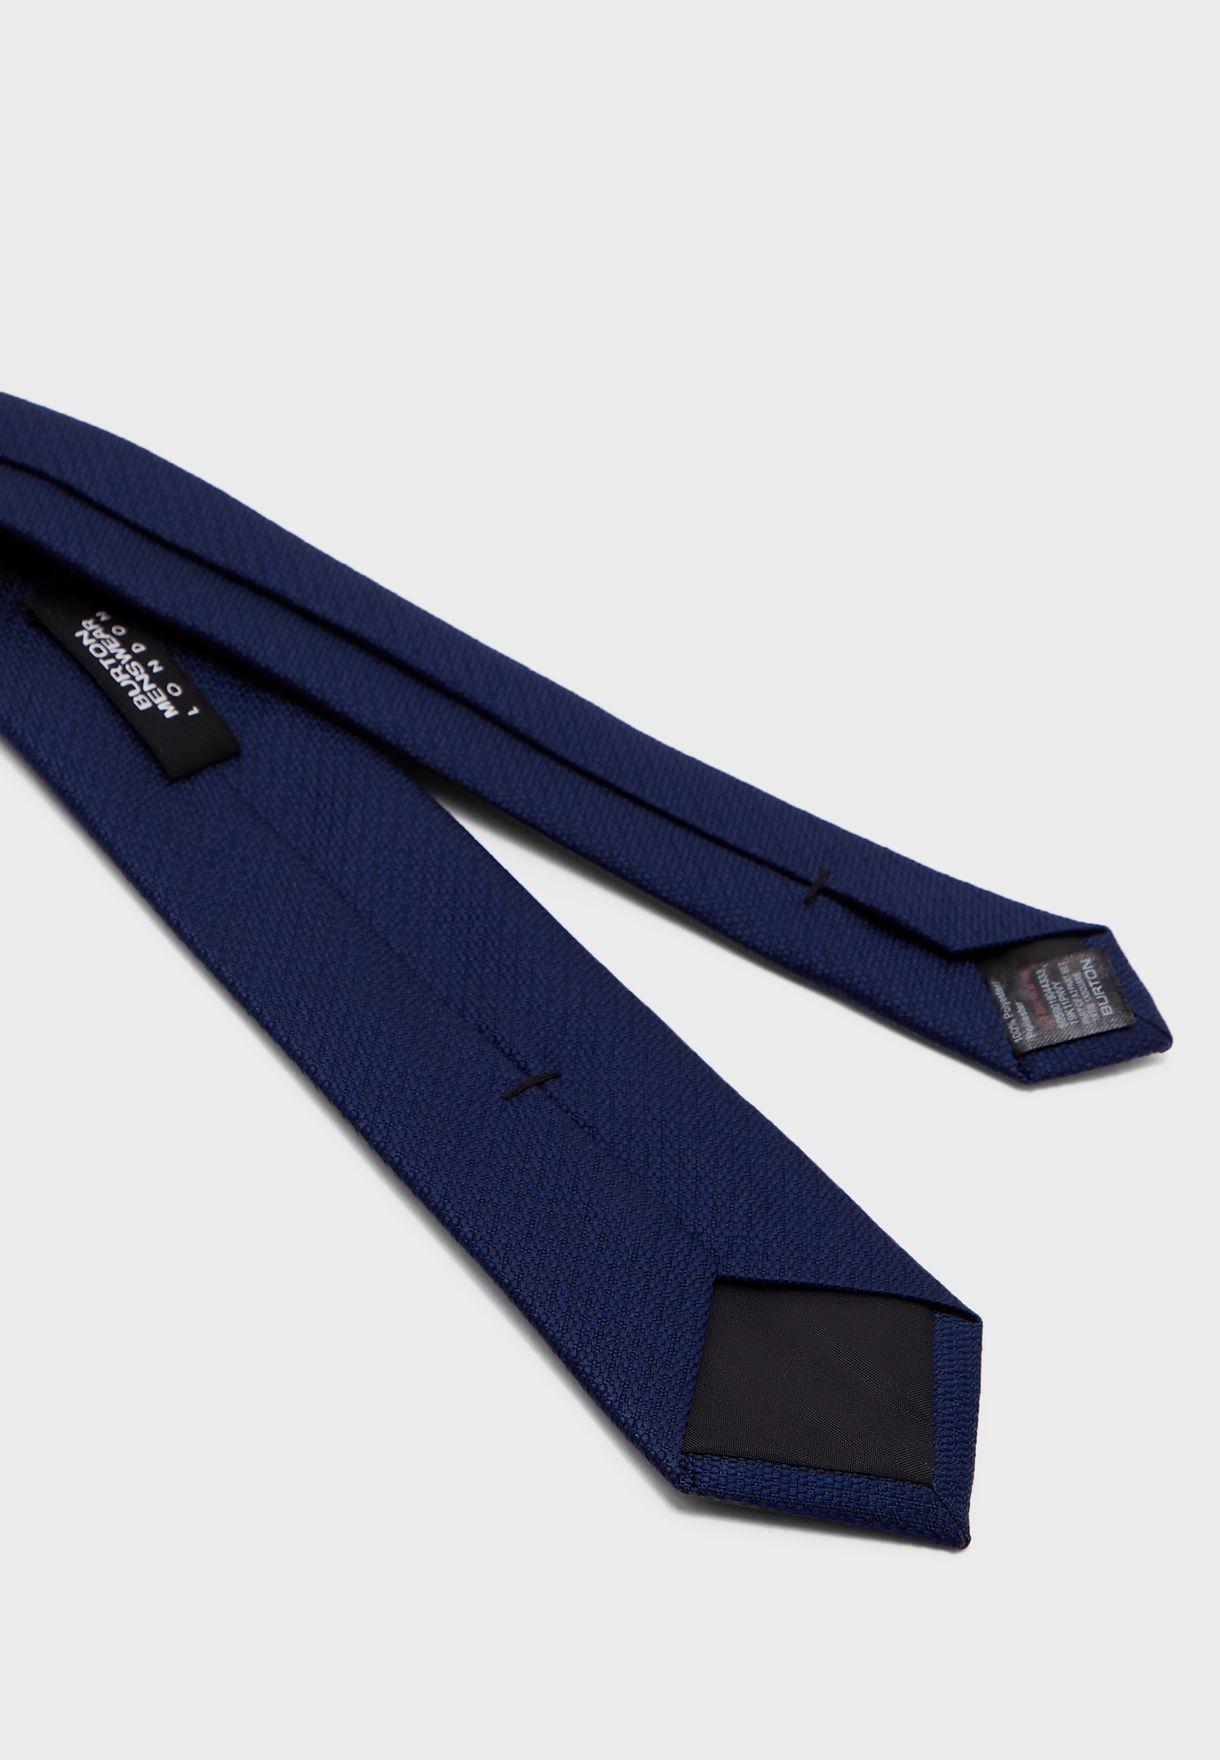 طقم ( ربطة عنق + وشاح مربع صغير للجيب)